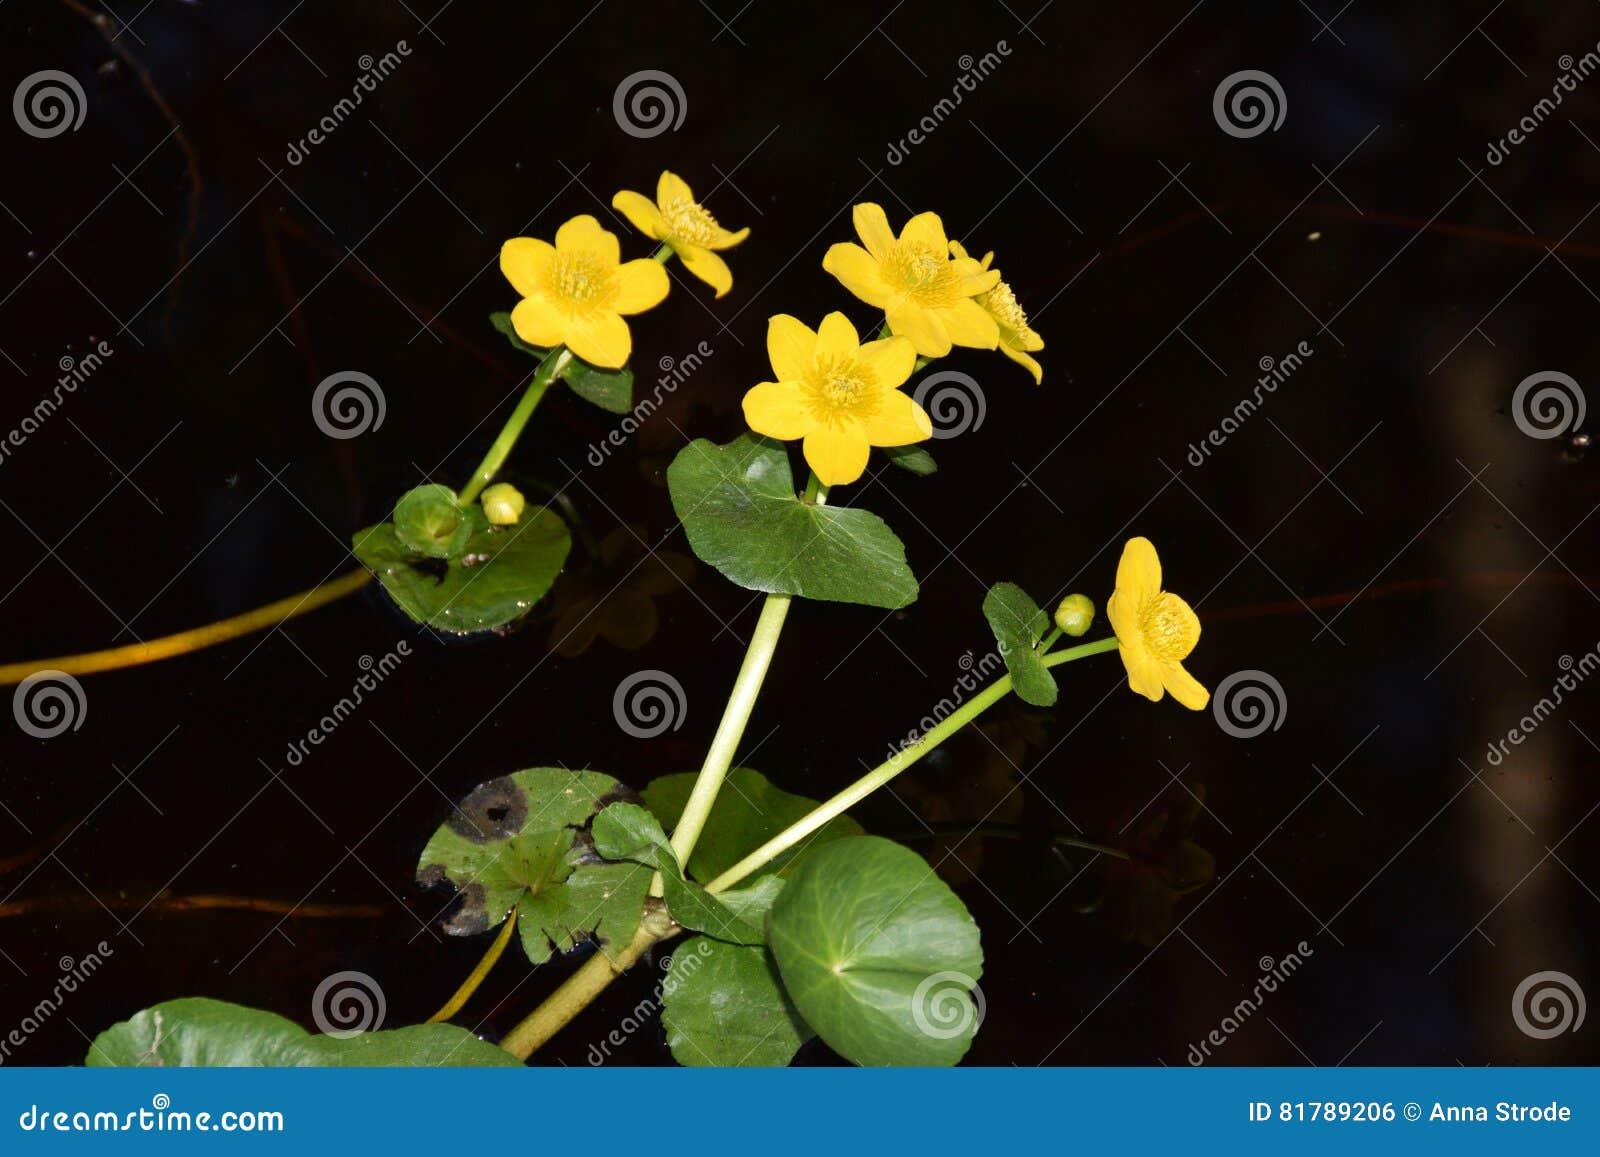 Gelbe Wasserblumen stockfoto. Bild von blätter, blume - 81789206